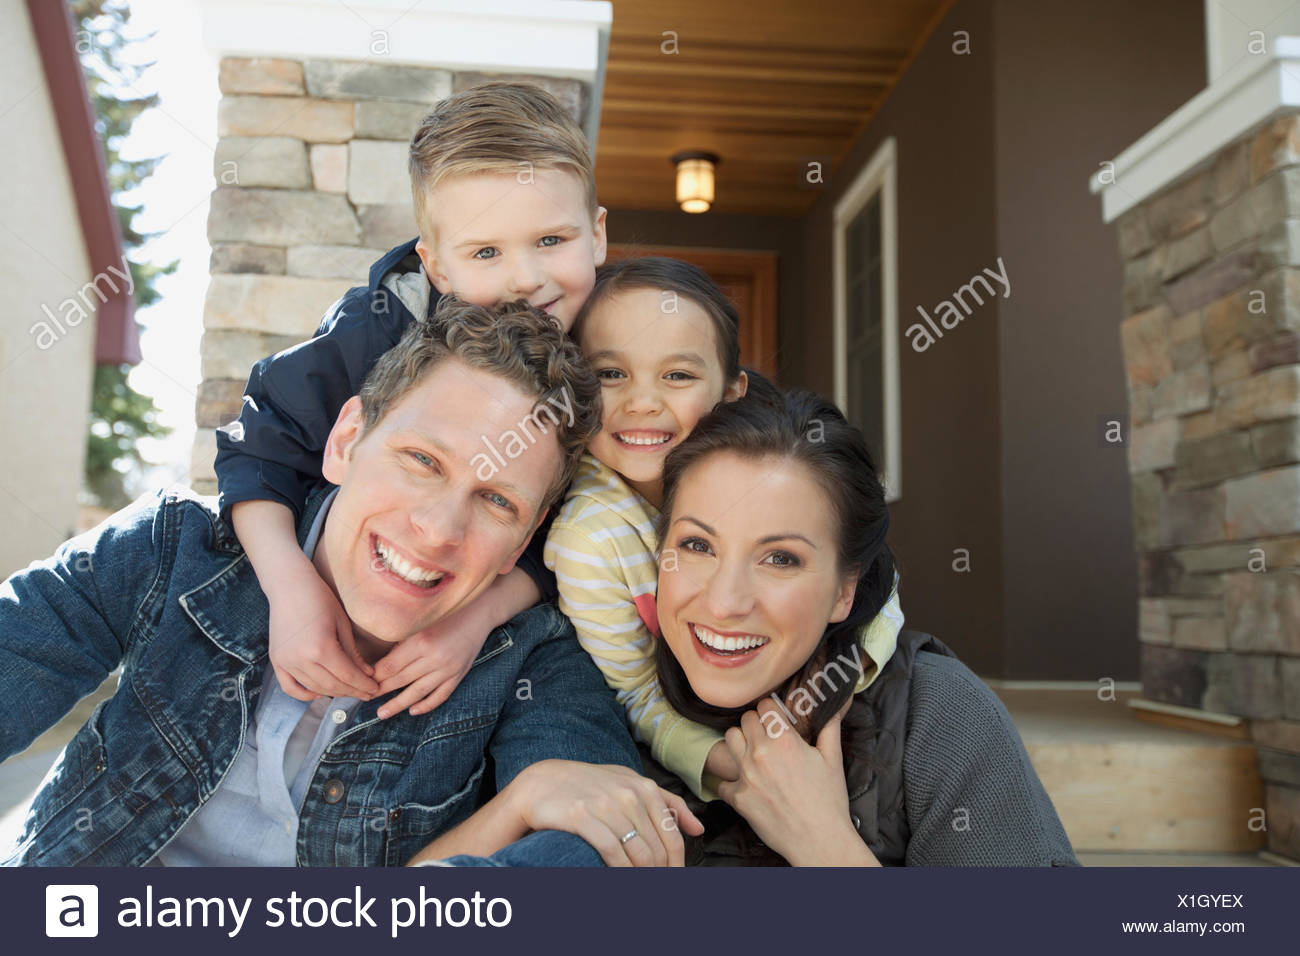 Porträt der jungen Familie vor Residenz Stockbild